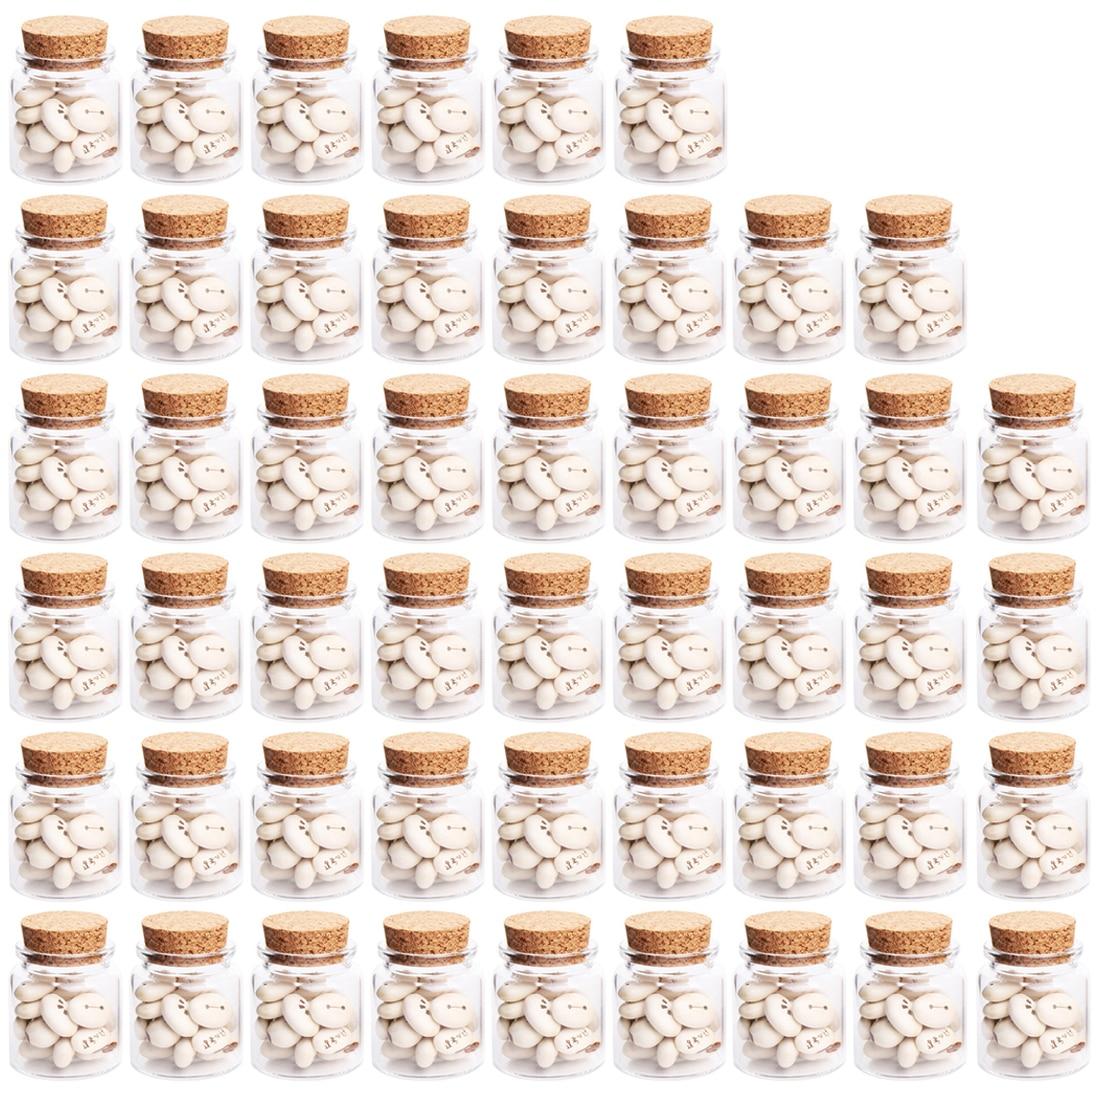 Livraison directe 47*50 MM 50 ML bouteilles en verre pot souhaitant bouteille vide échantillon de stockage avec bouchons en liège offre spéciale-Transparent